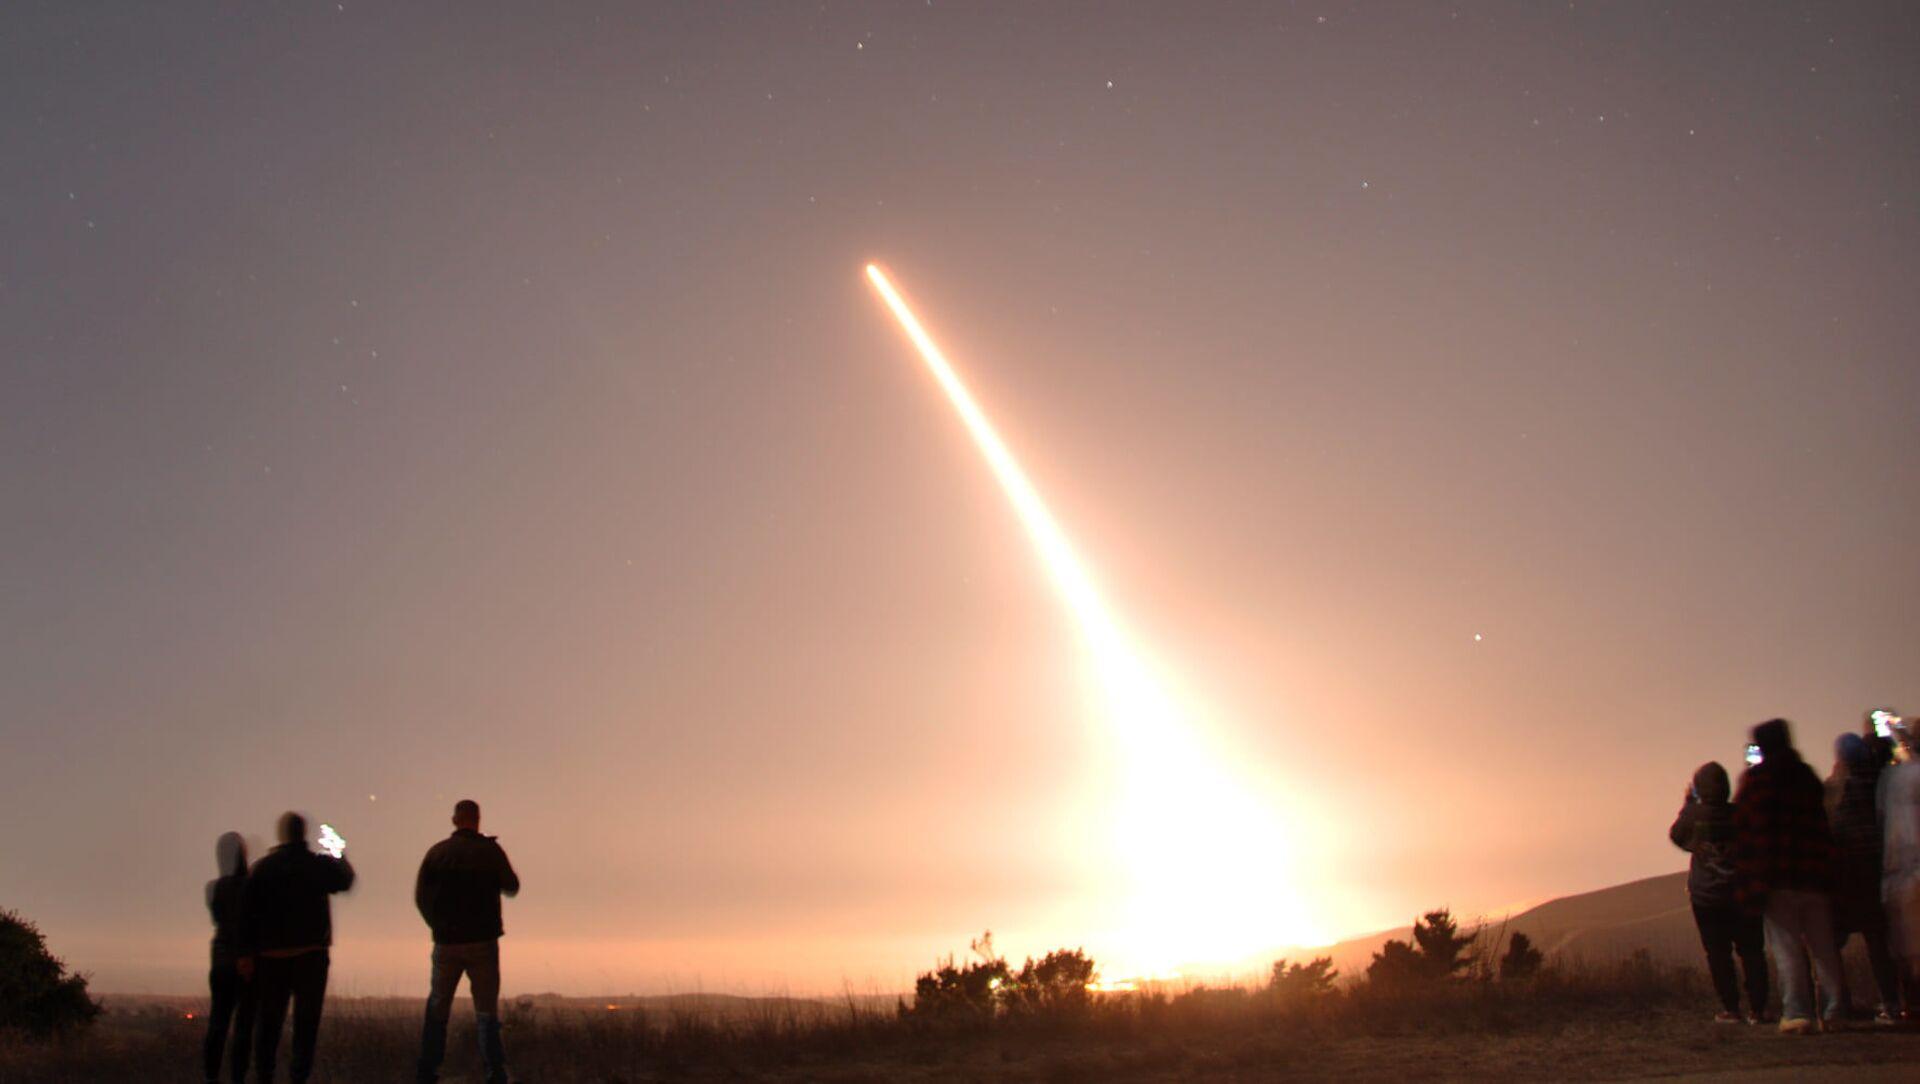 Testy amerykańskiego międzykontynentalnego pocisku balistycznego Minuteman III. - Sputnik Polska, 1920, 13.06.2021